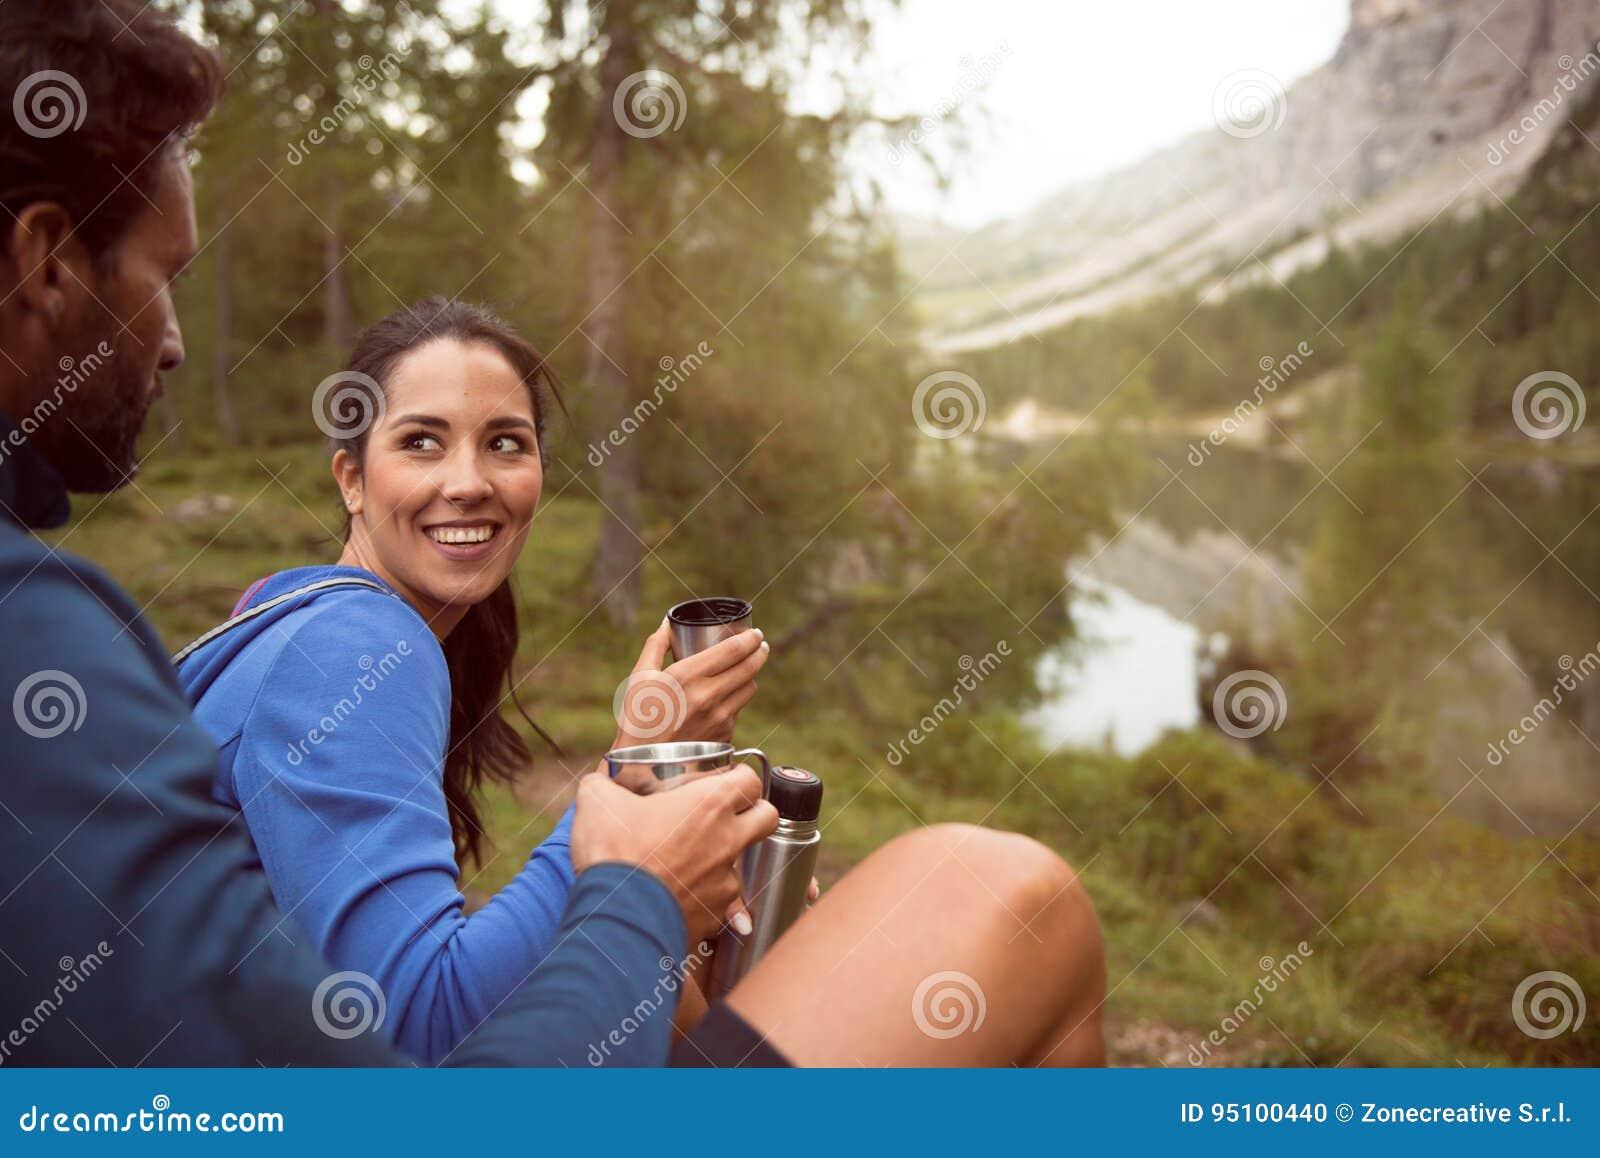 Os pares felizes de sorriso do homem e da mulher apreciam a opinião do panorama do lago com luz do alargamento do sol Grupo de ve